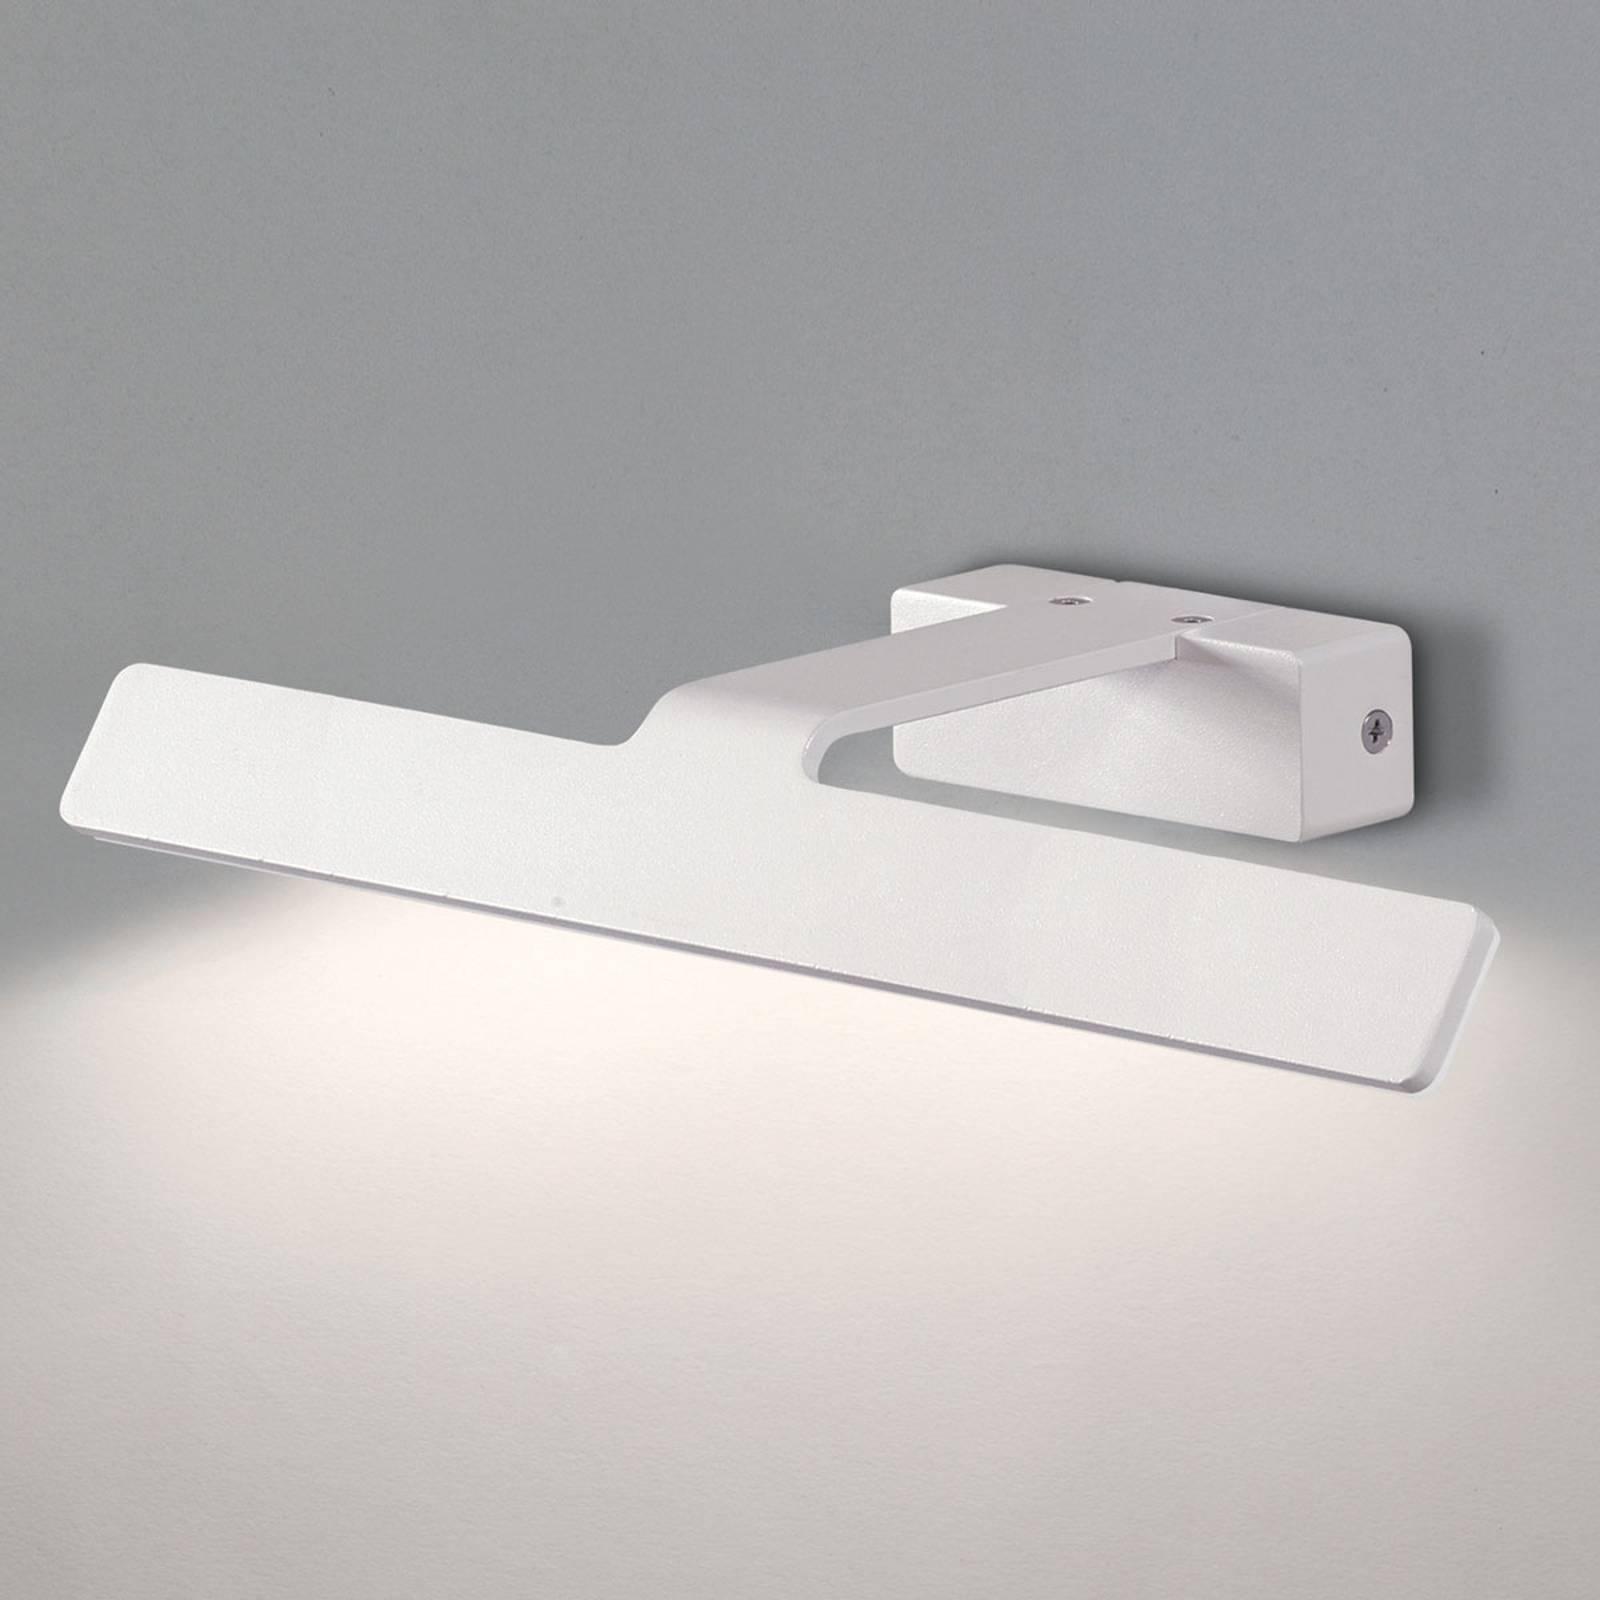 Bilde av Hvitt Led-bildelampe Neus - 36 Cm Bred